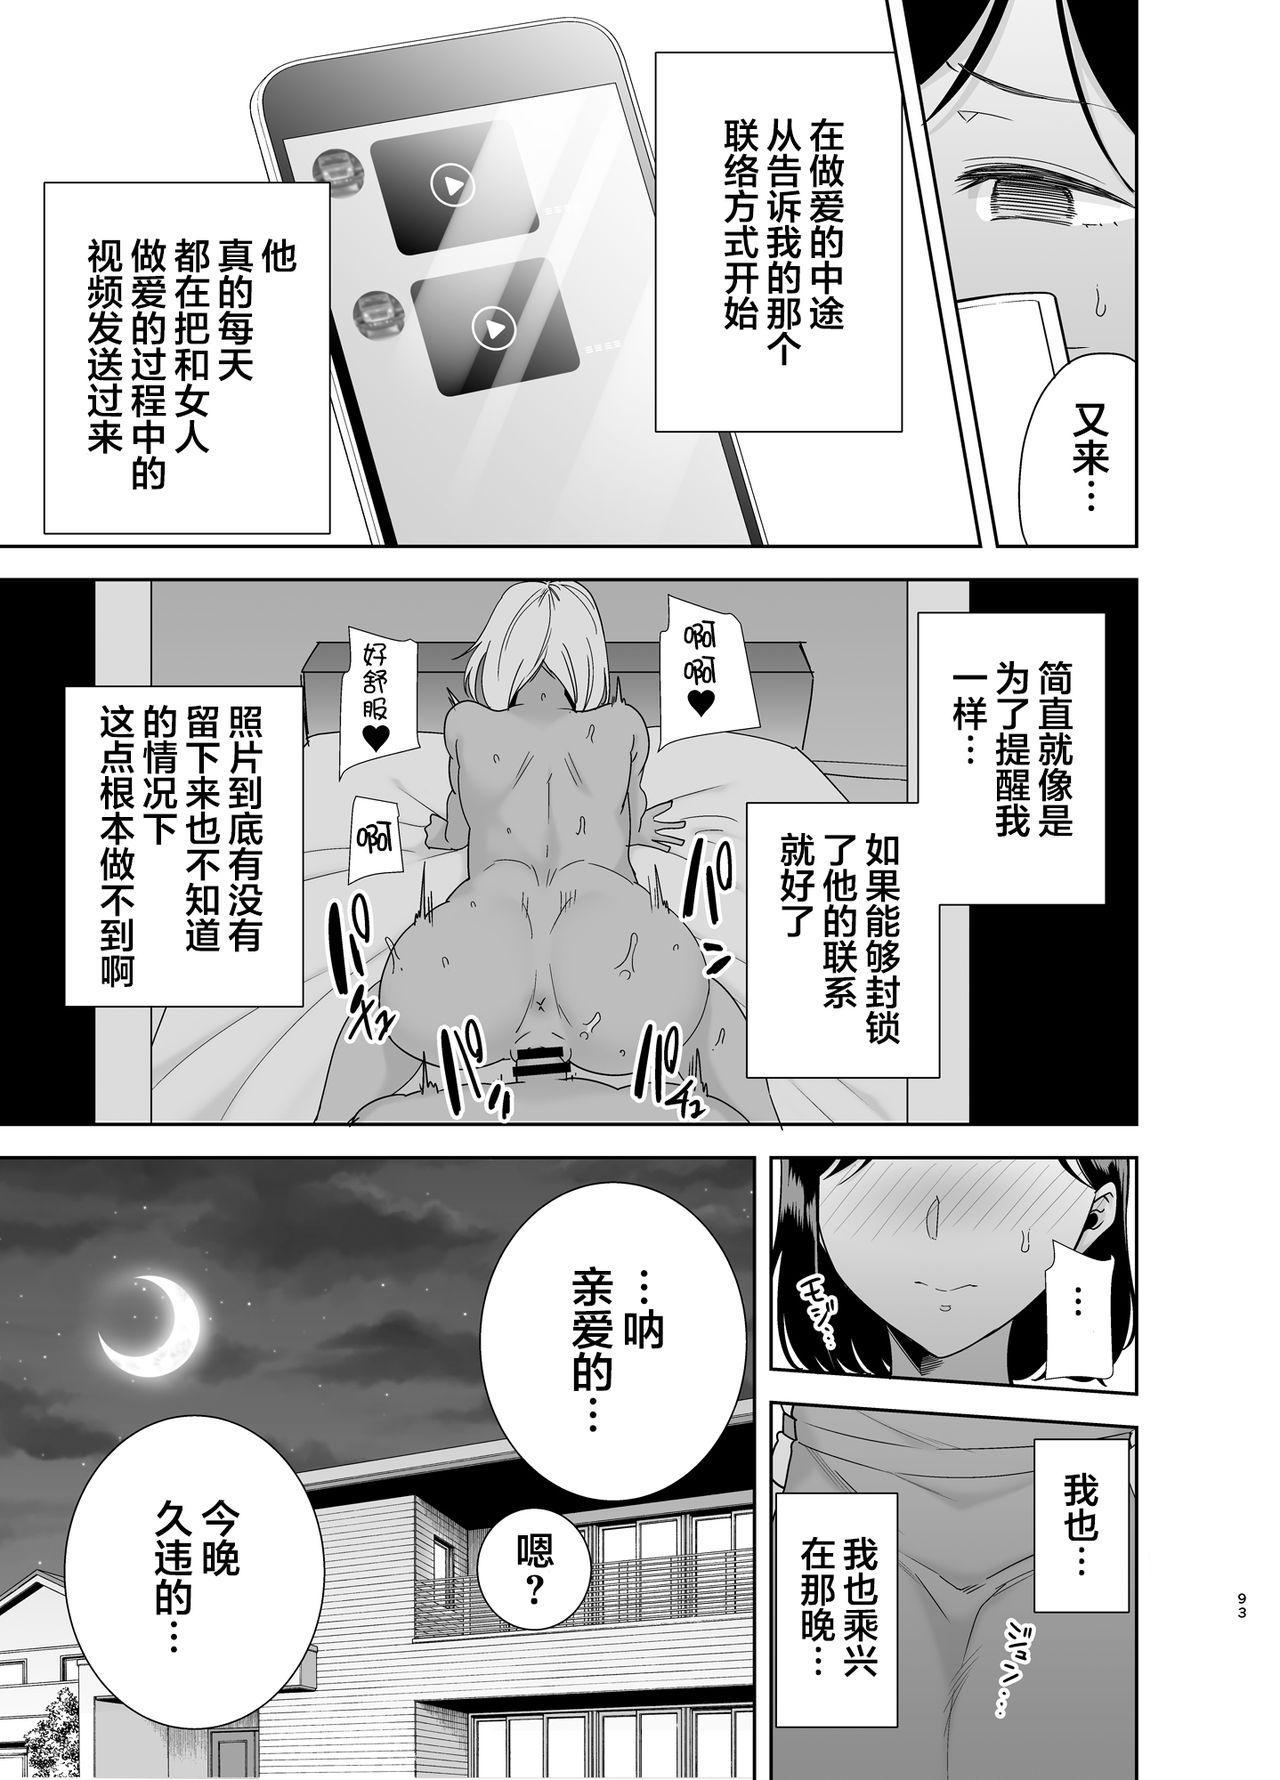 [DOLL PLAY (Kurosu Gatari)] Natsuzuma ~Natsu, Ryokan, Nanpa Otoko-tachi ni Ochita Tsuma~ Megane Nashi [Chinese] [翻车汉化组] 91